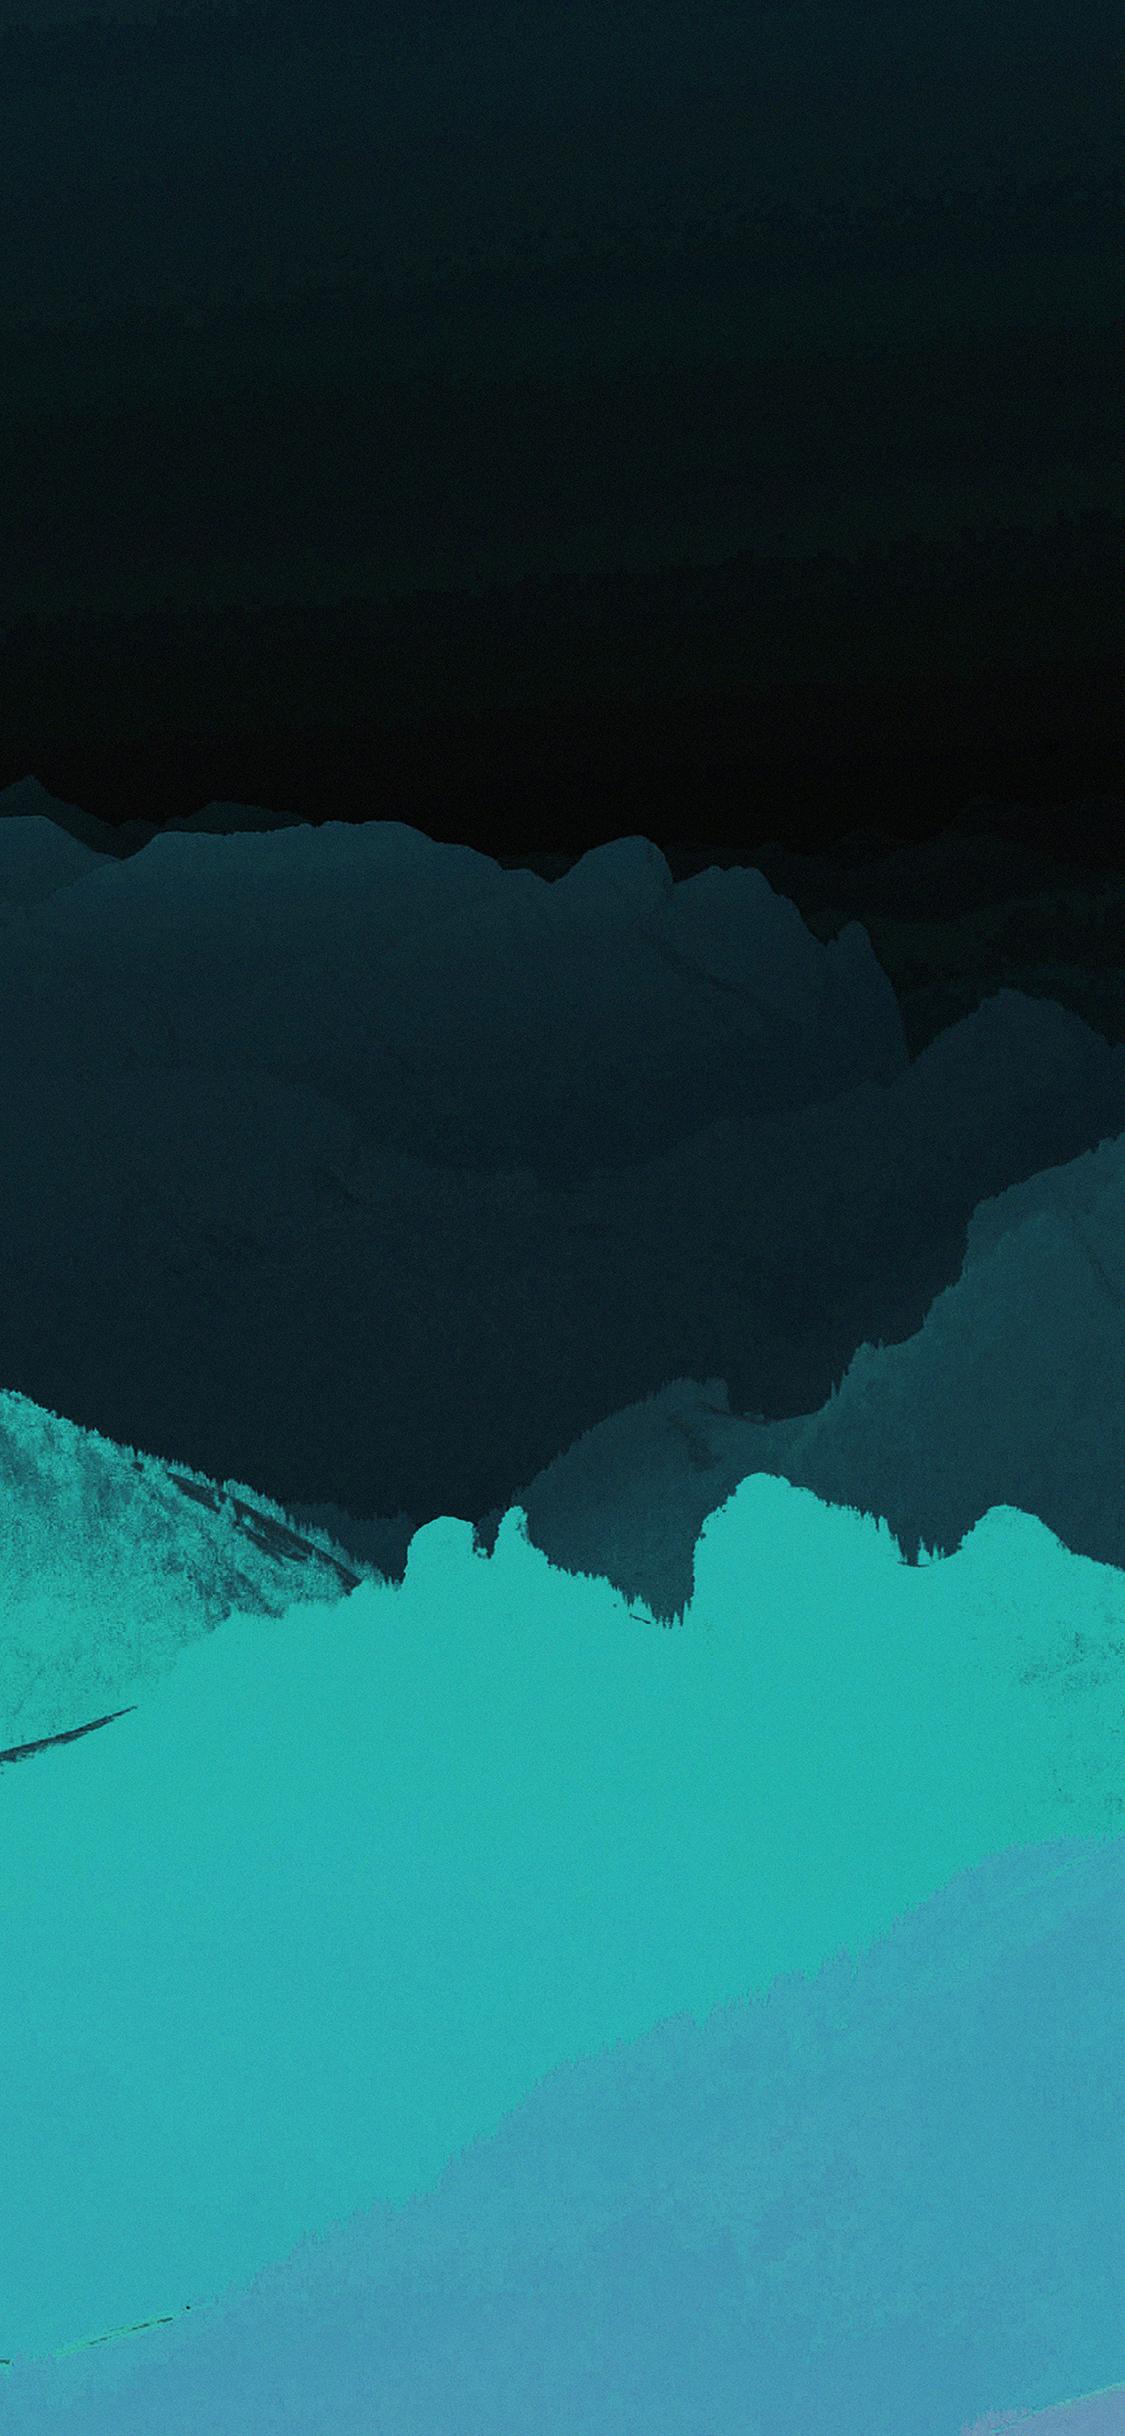 Mc79 Wallpaper Dark Blue Mountains Wallpaper